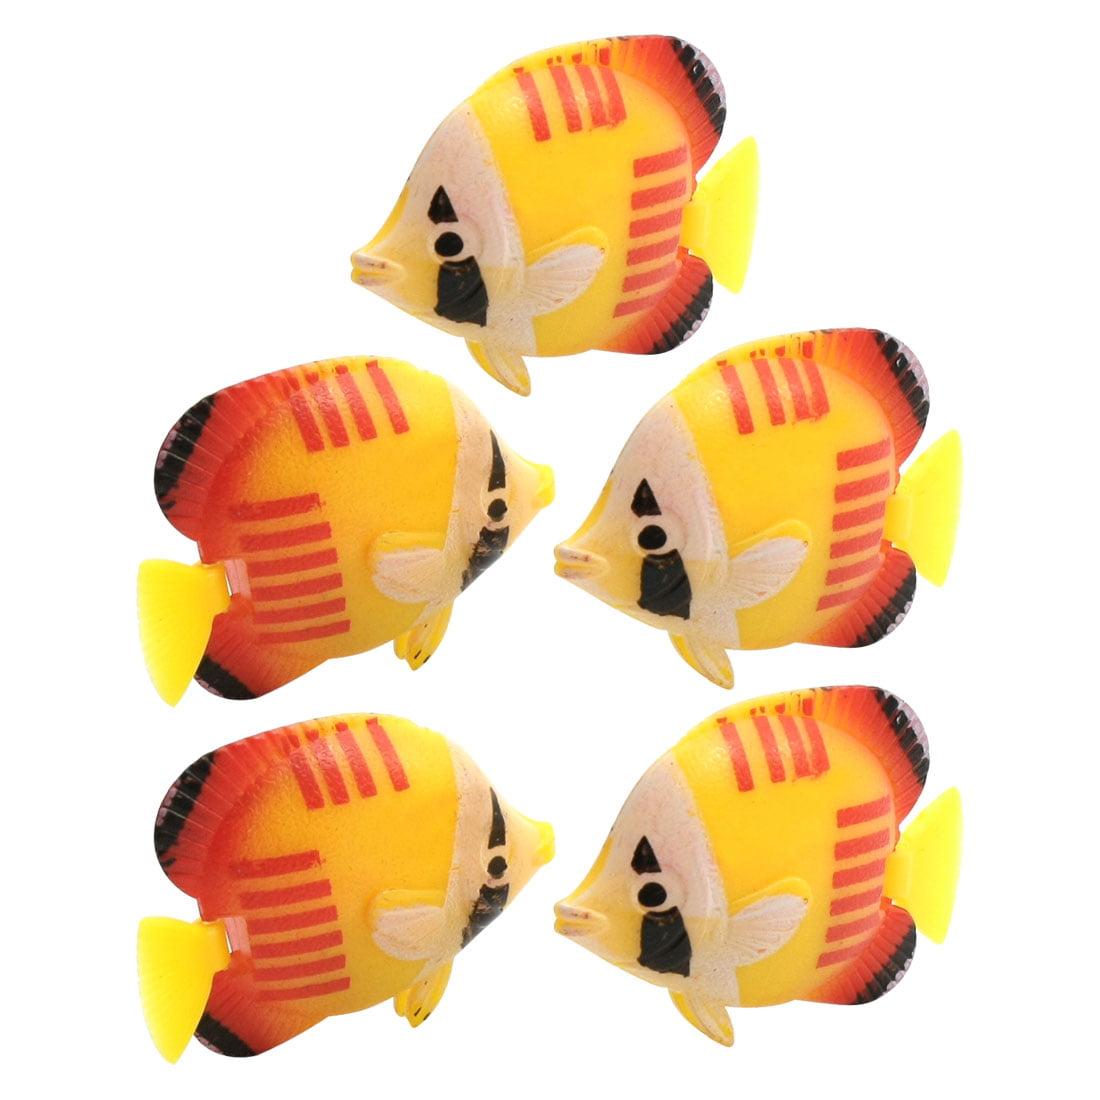 Unique Bargains 5 Pcs Aquarium Tanks Aquascaping Yellow Red Plastic Floating Fishes